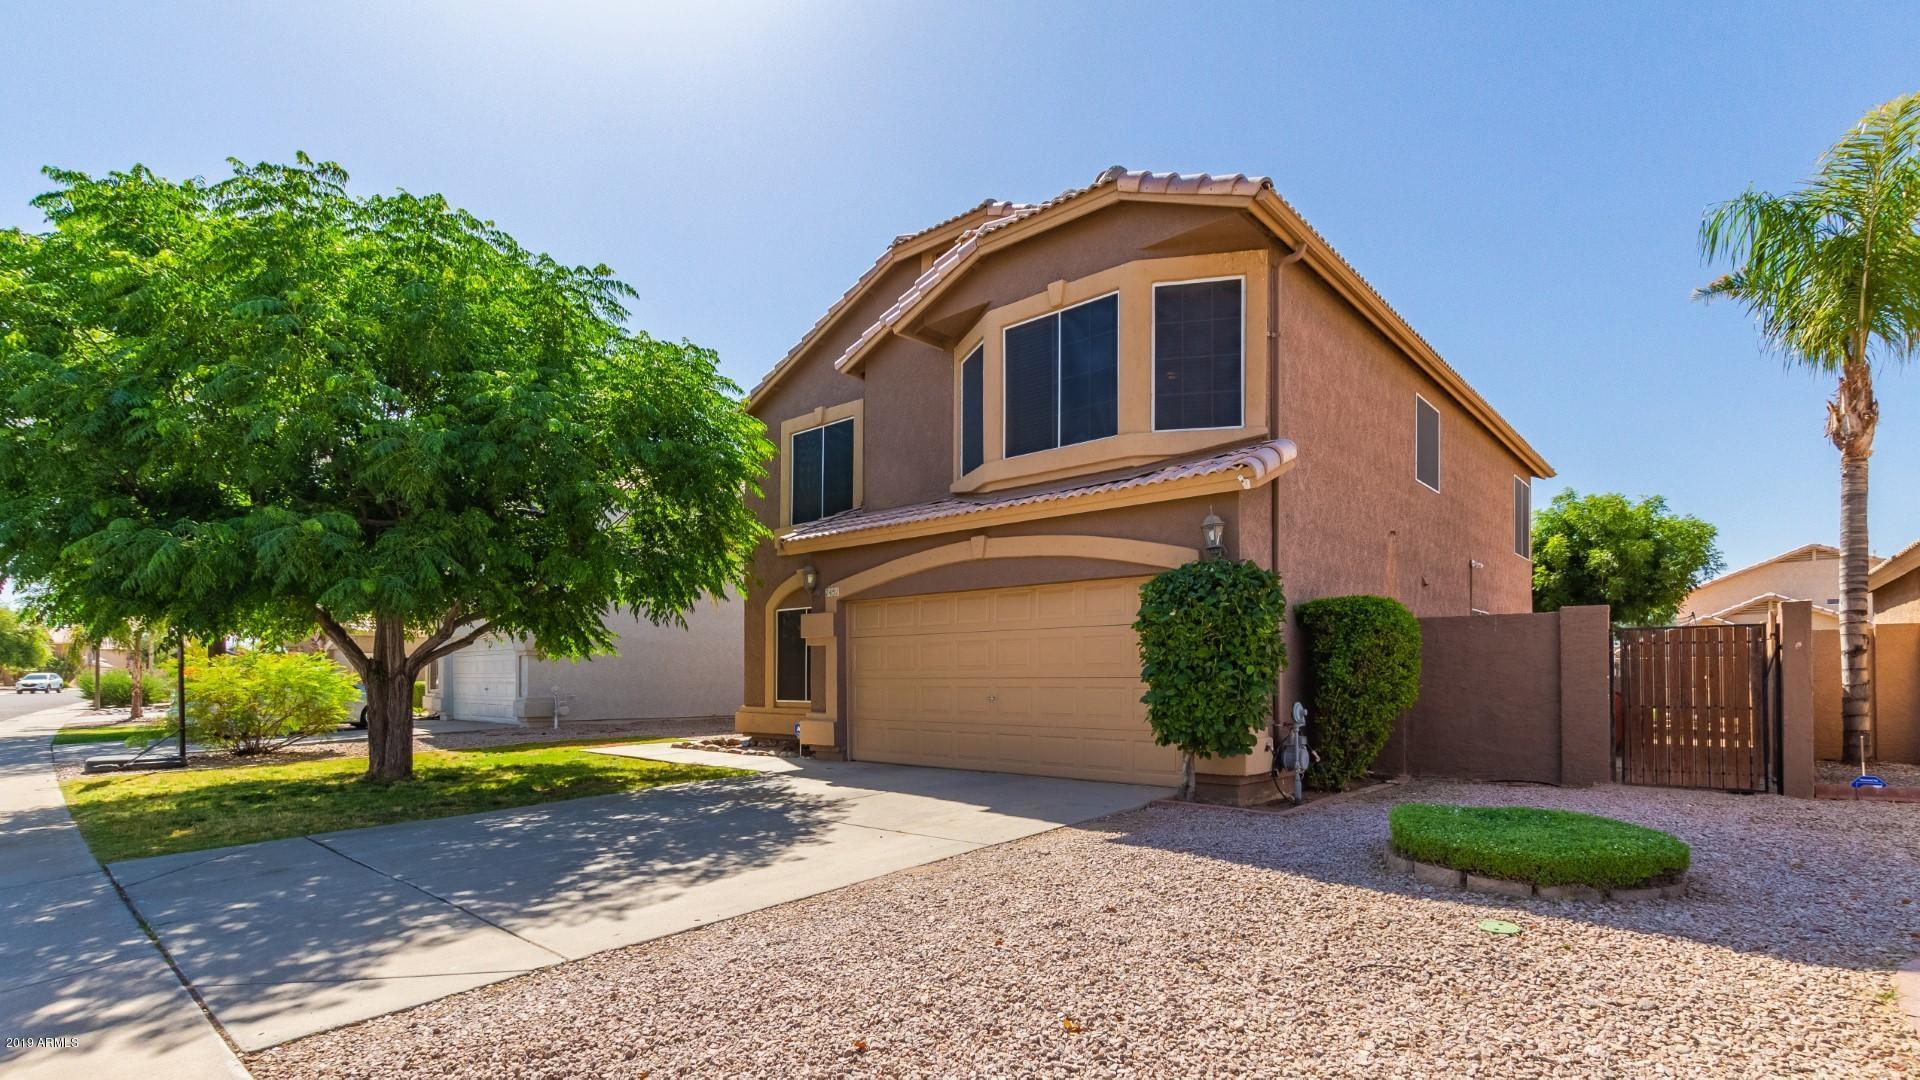 Photo of 7451 E MILAGRO Avenue, Mesa, AZ 85209